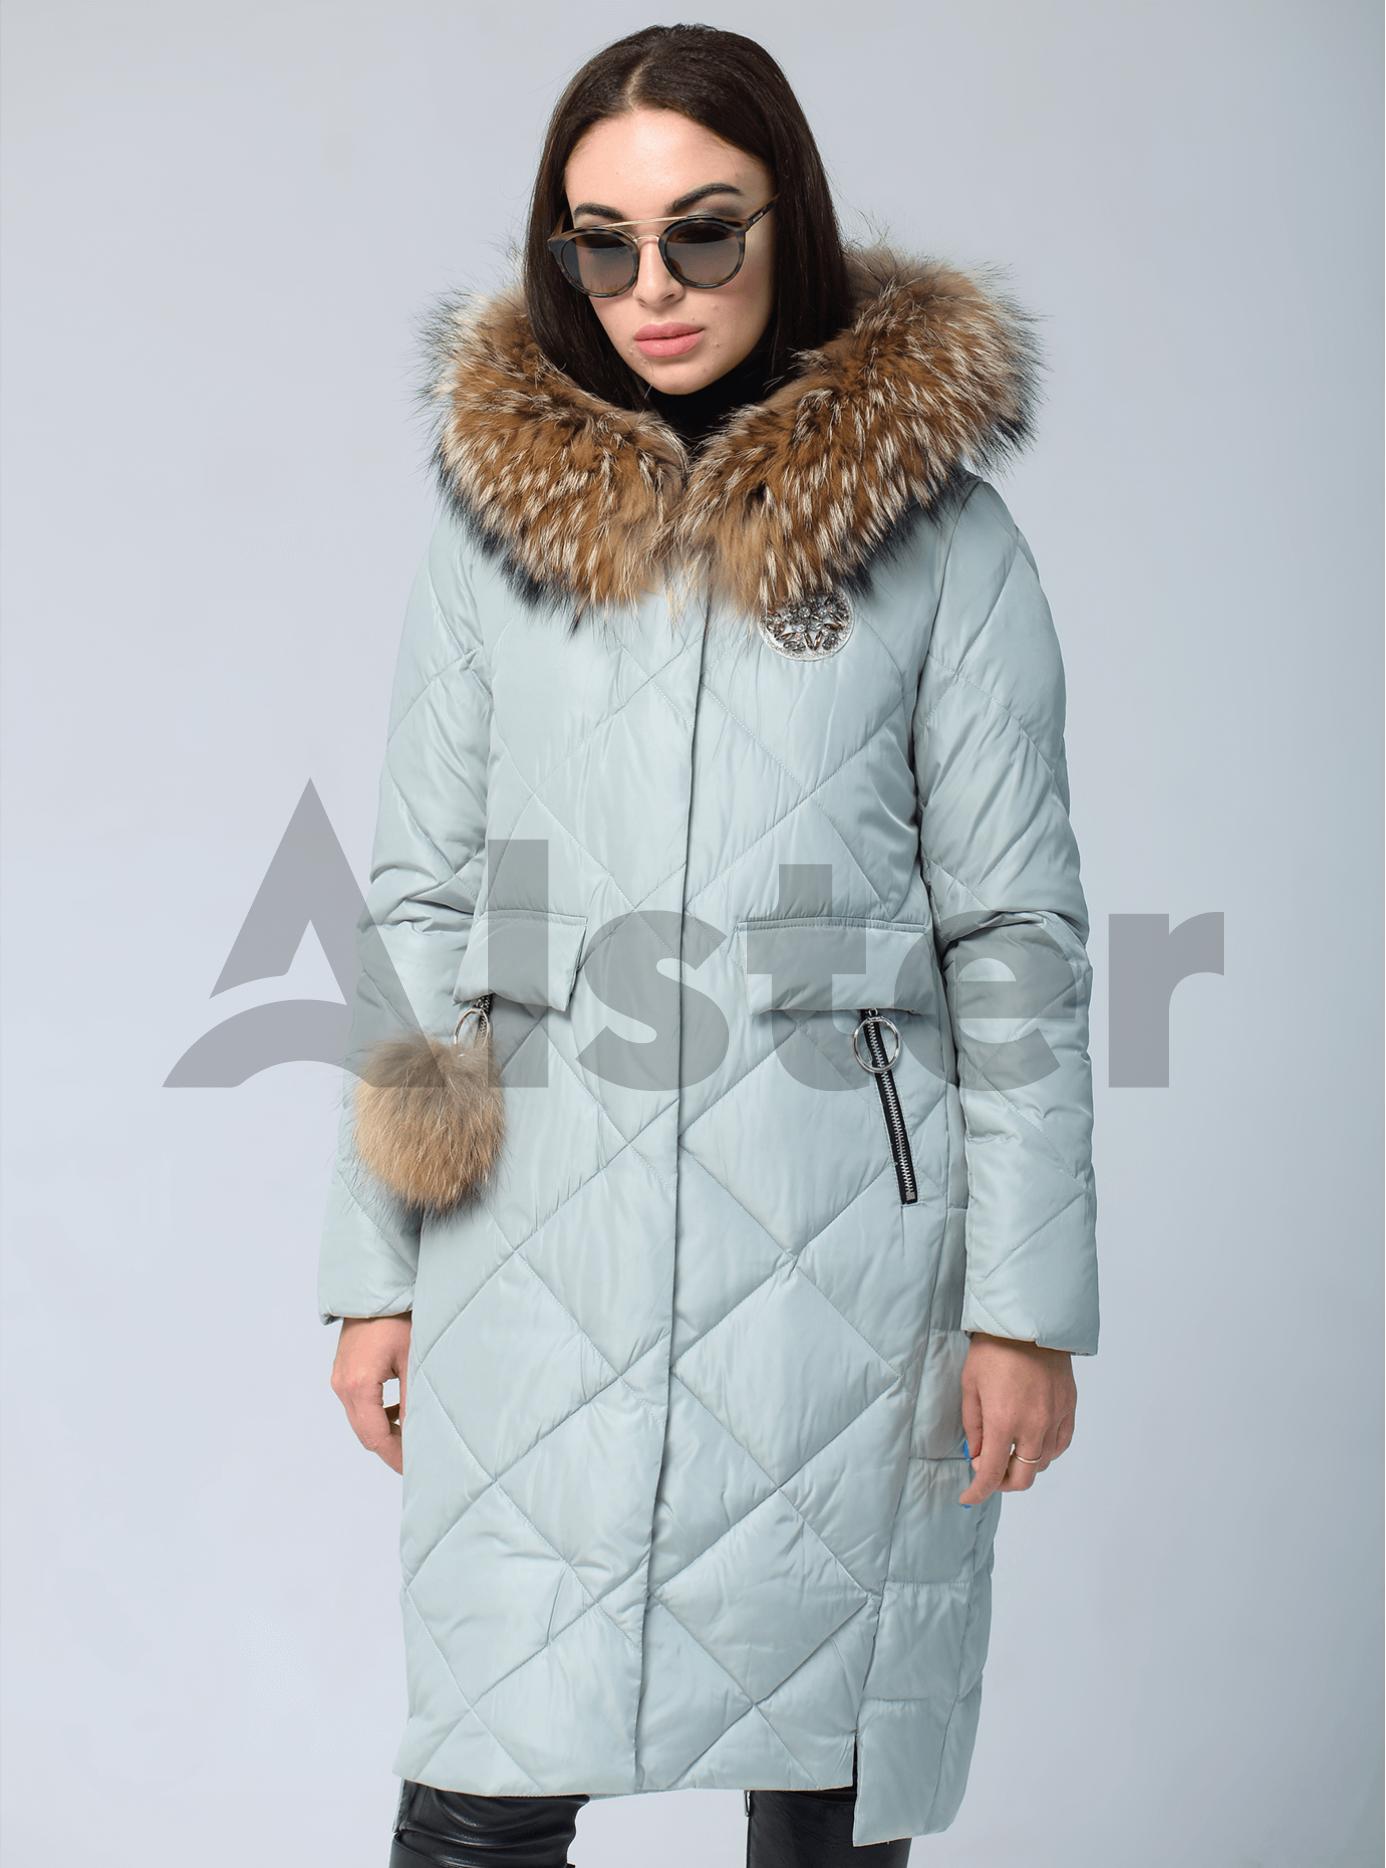 Куртка зимняя с меховой опушкой и брелоком Голубой S (05-V191249): фото - Alster.ua